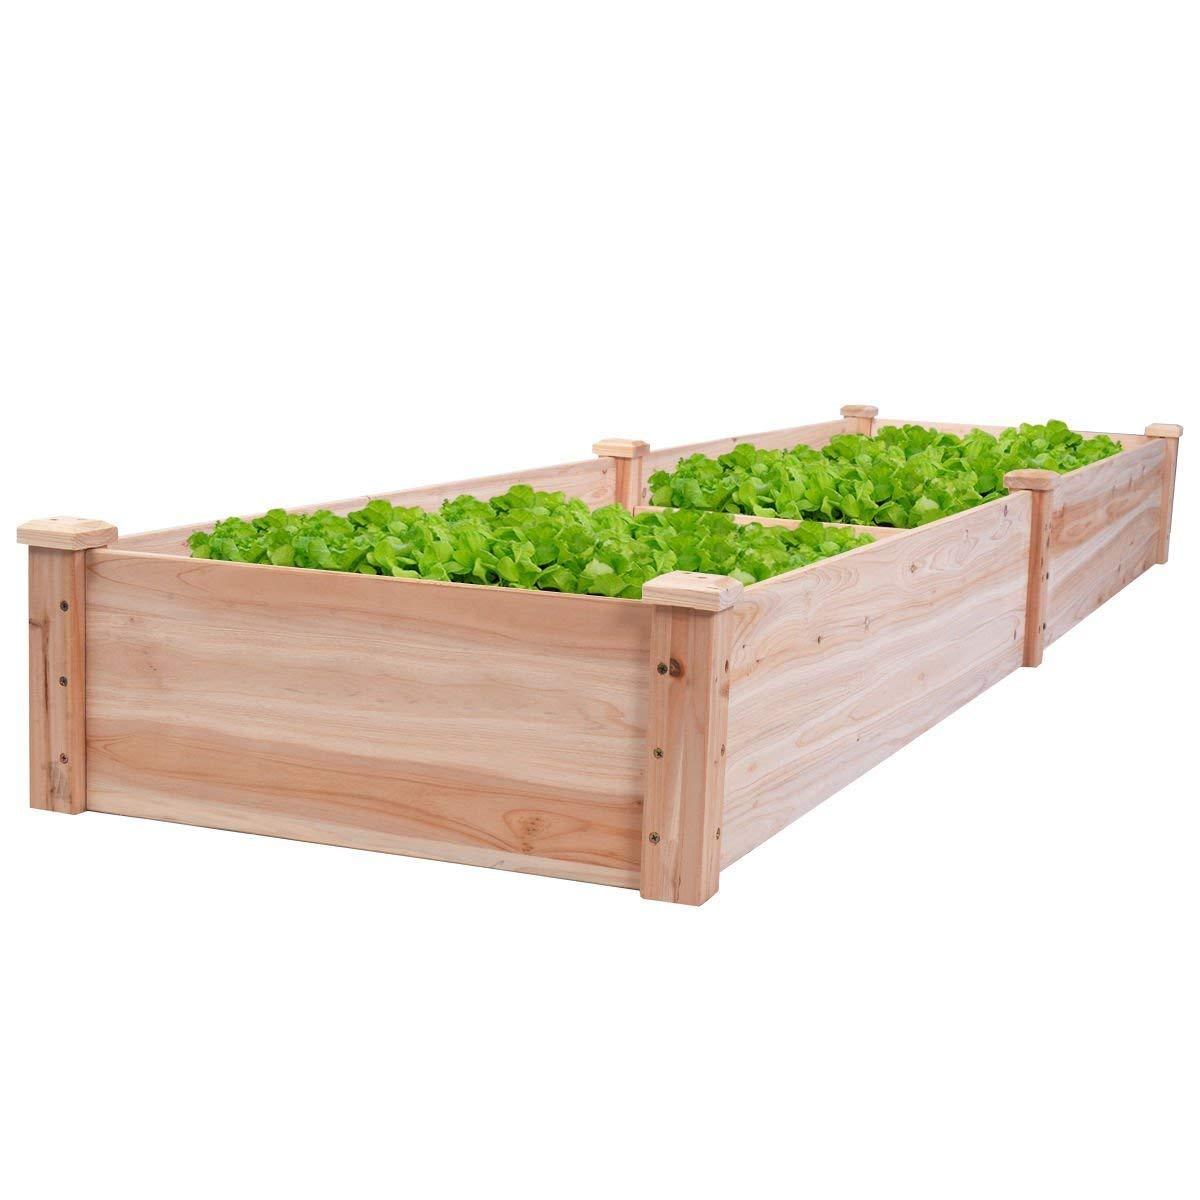 Giantex Wooden Raised Vegetable Garden Bed